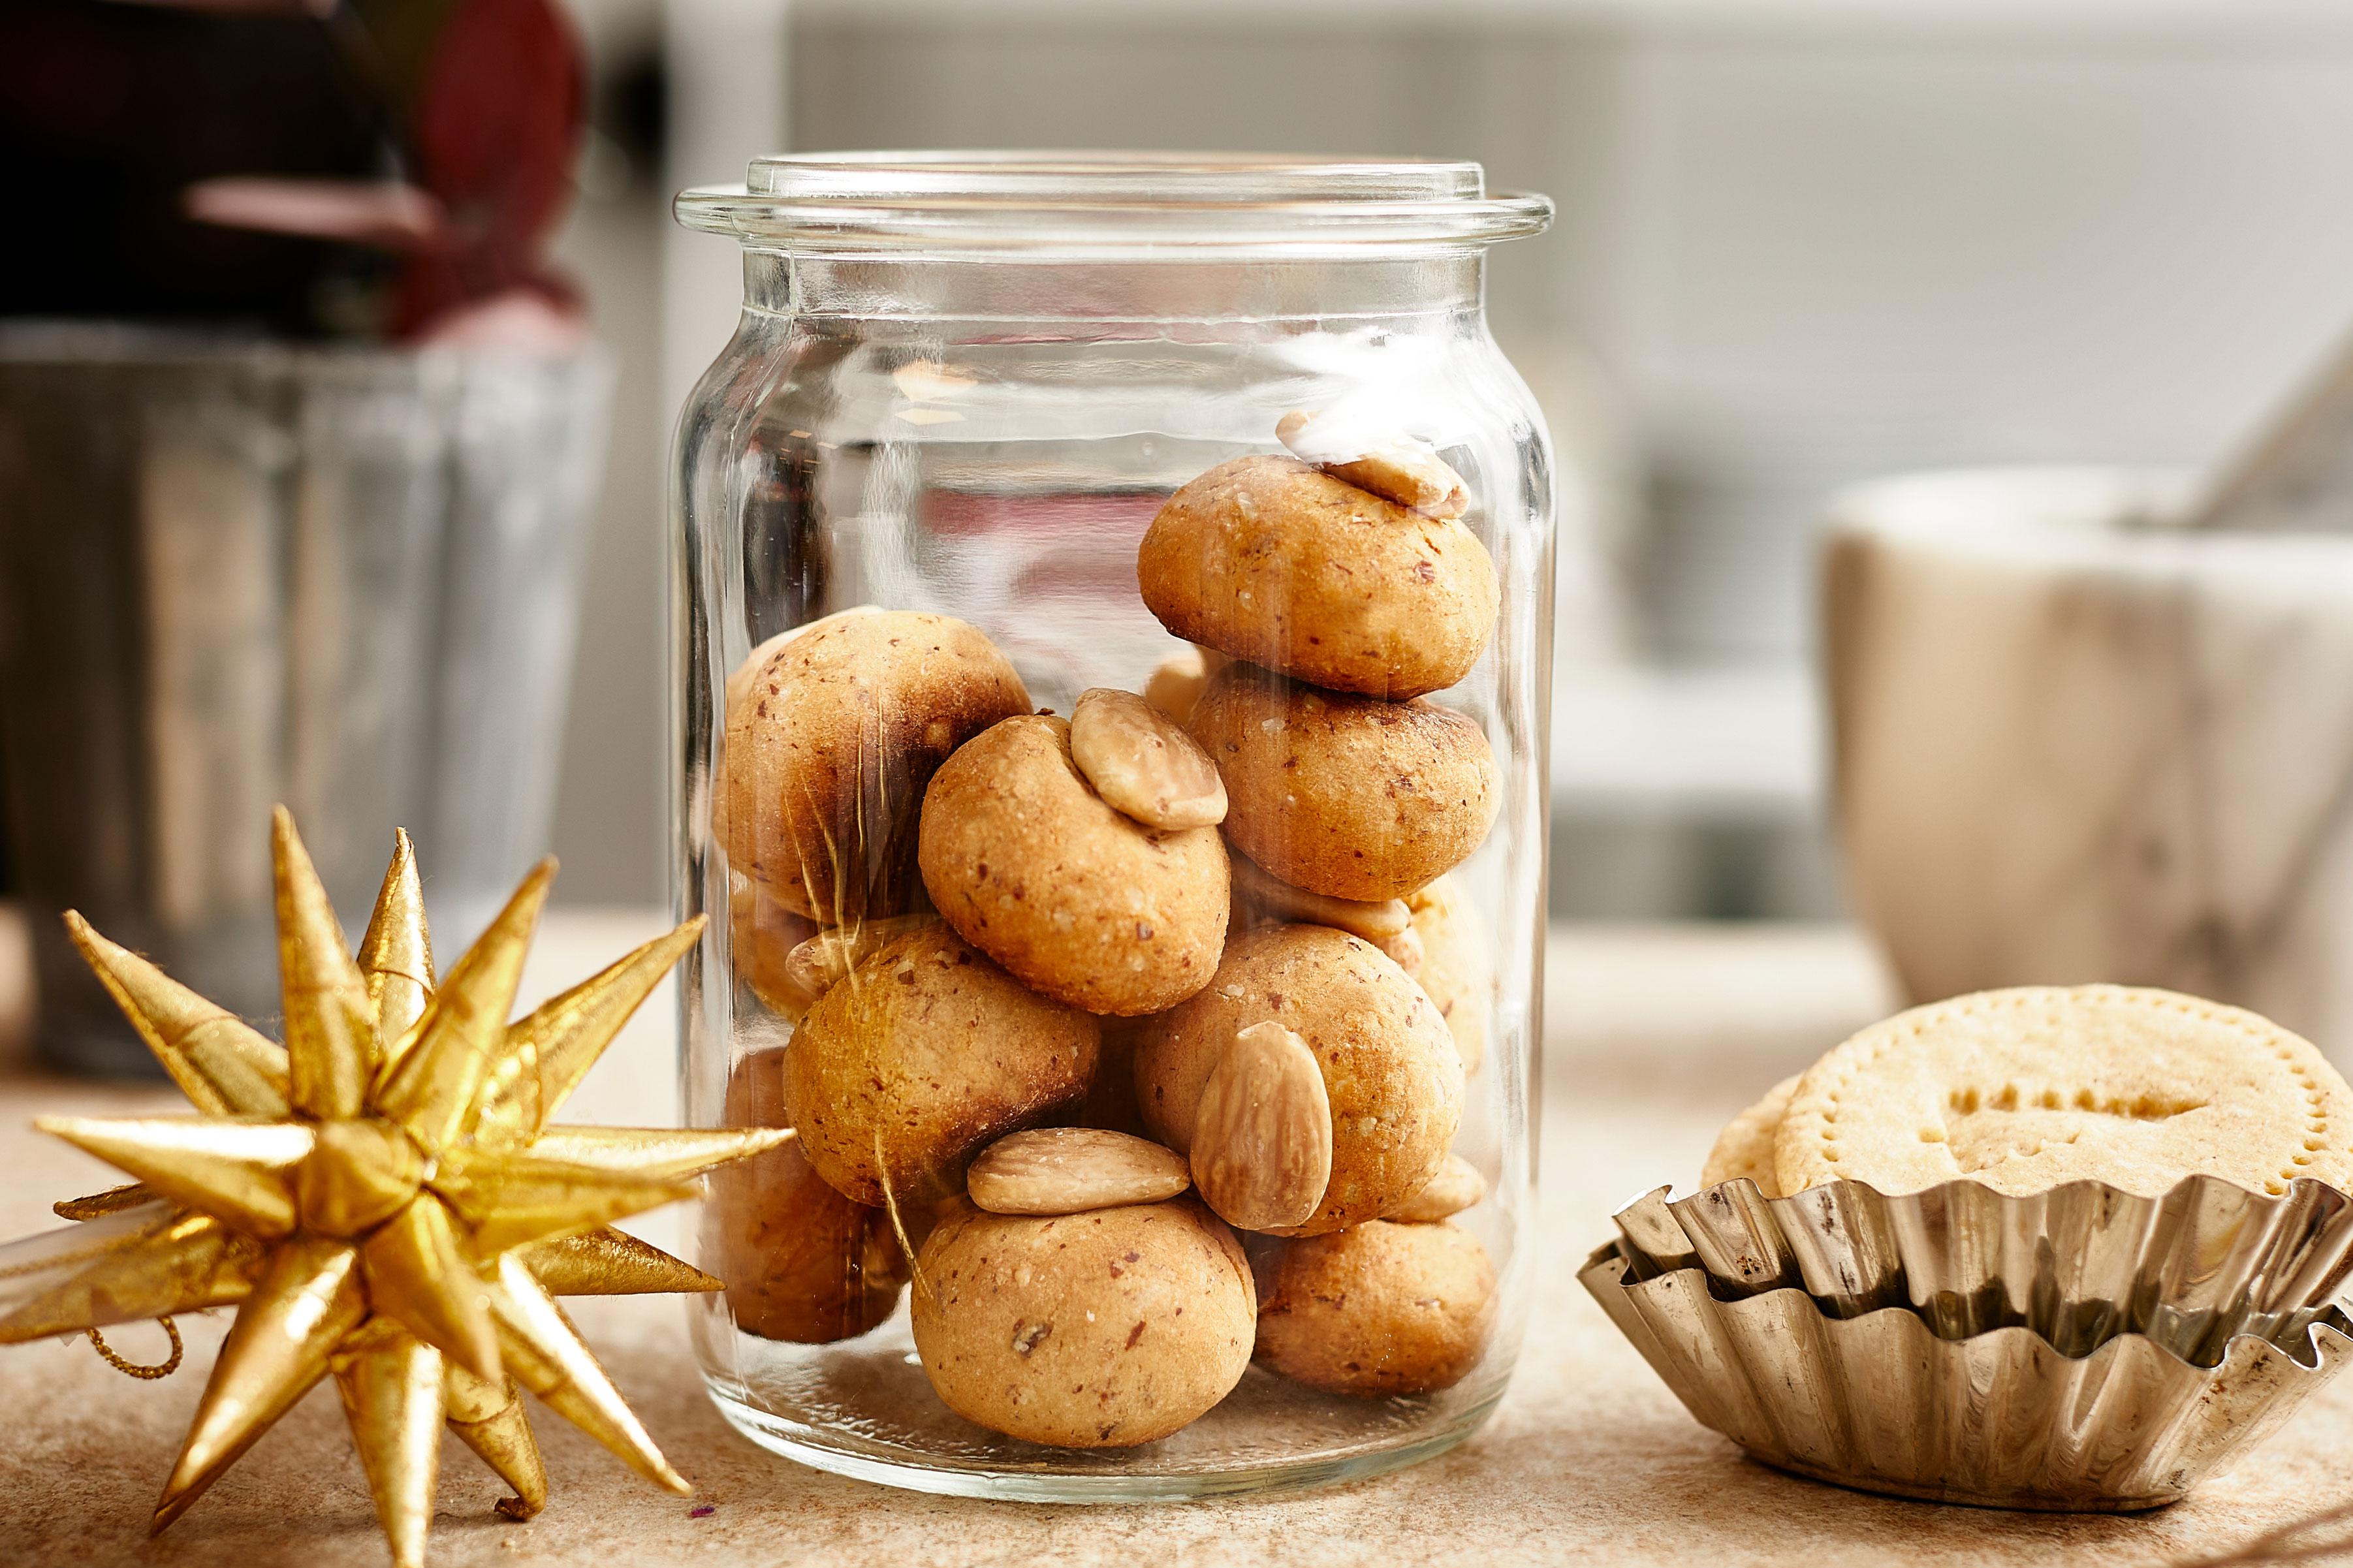 marzipan-busserln-kekse-einfach-rezept--7